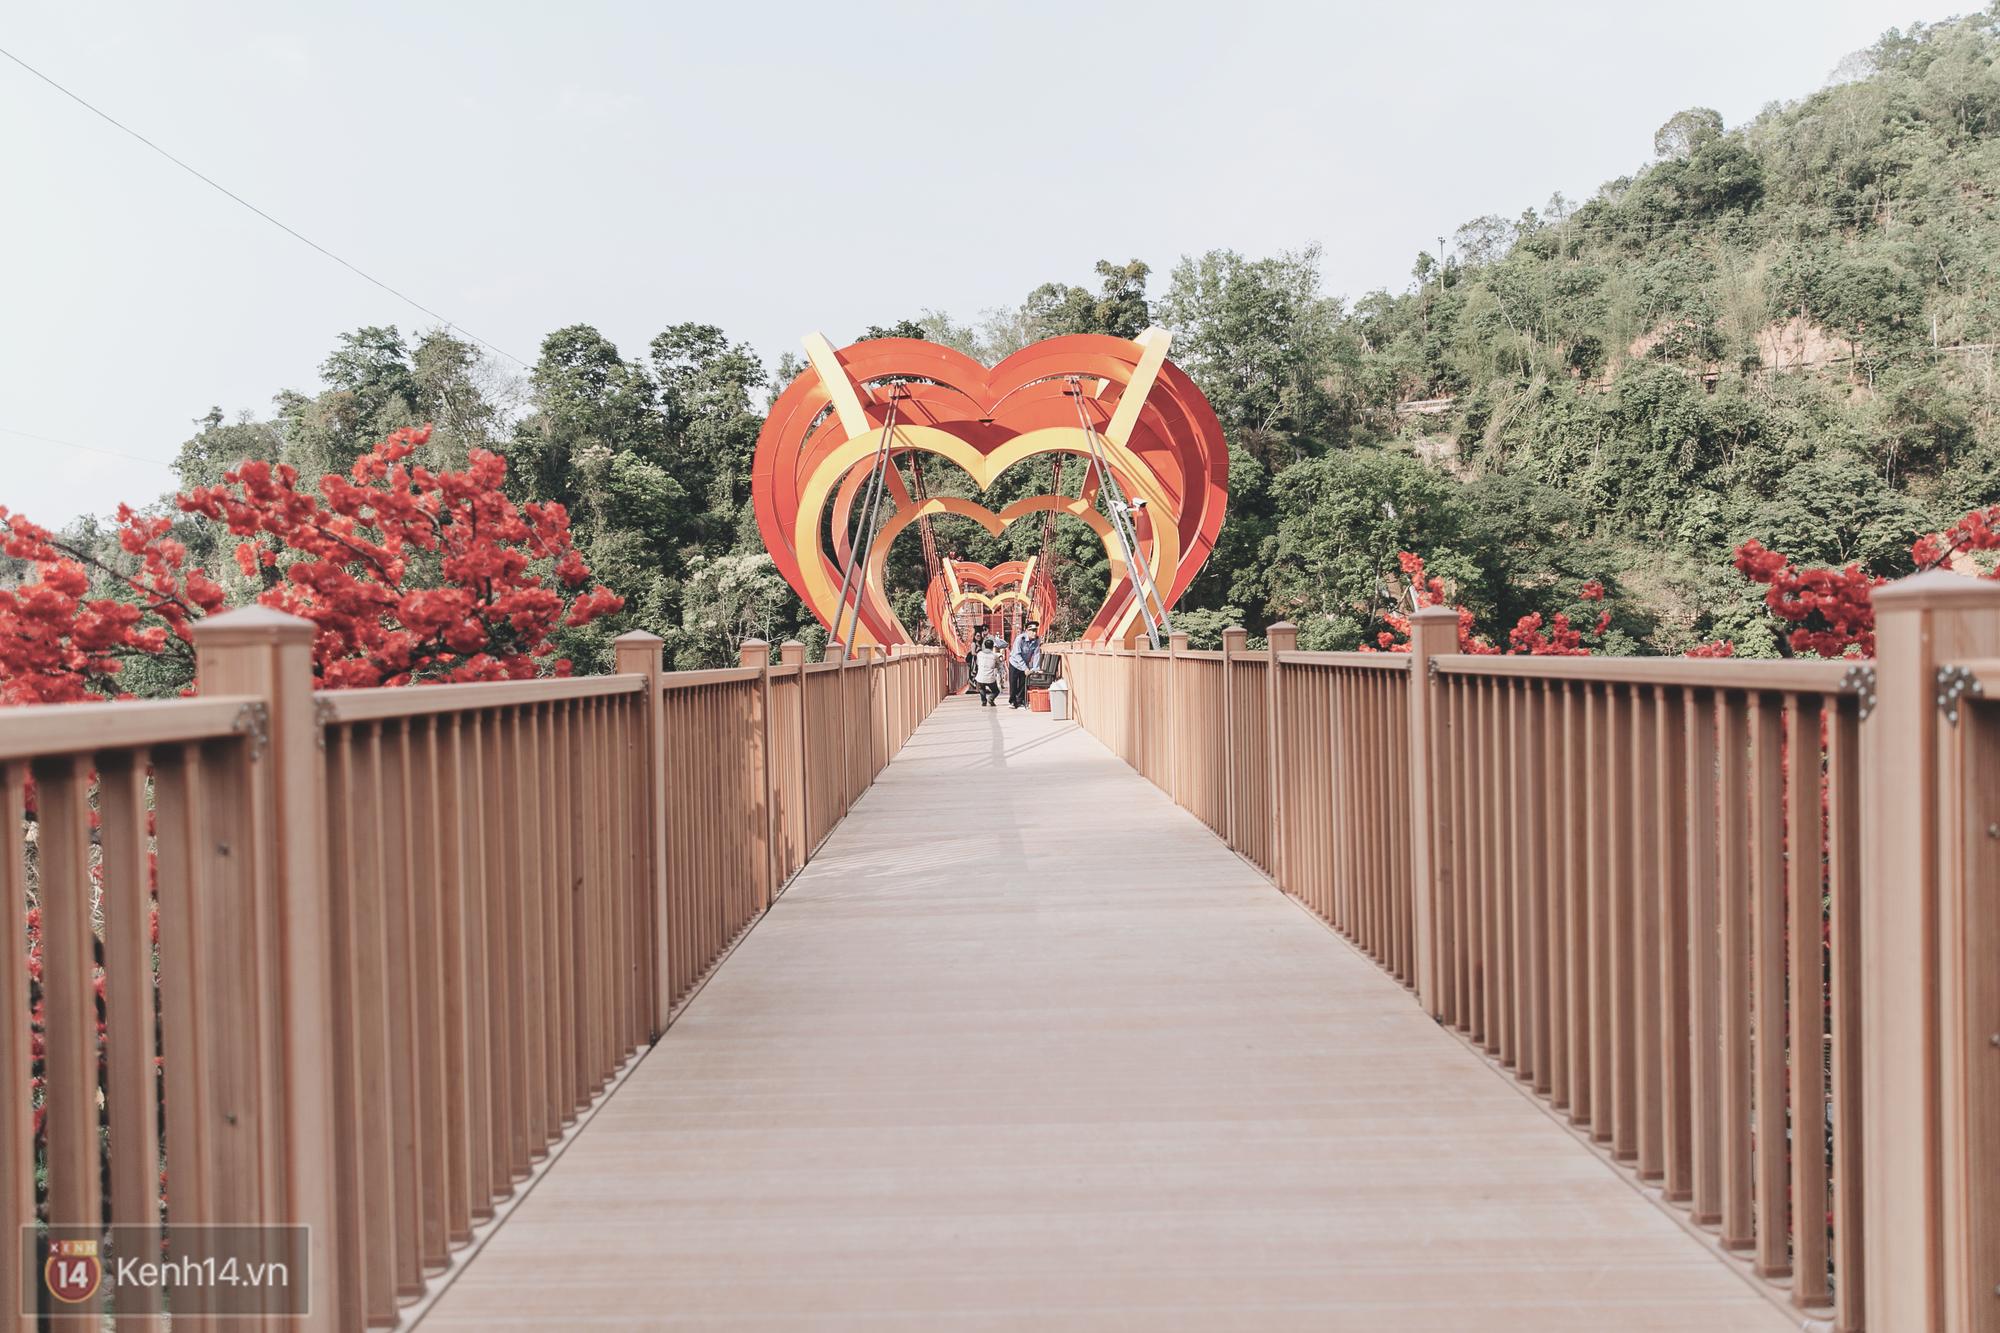 Tranh cãi xoay quanh yếu tố thẩm mỹ của cây cầu 5D đang gây sốt ở Mộc Châu: Khen đẹp thì ít nhưng chê bai sến súa, lạc lõng nhiều vô kể - Ảnh 4.